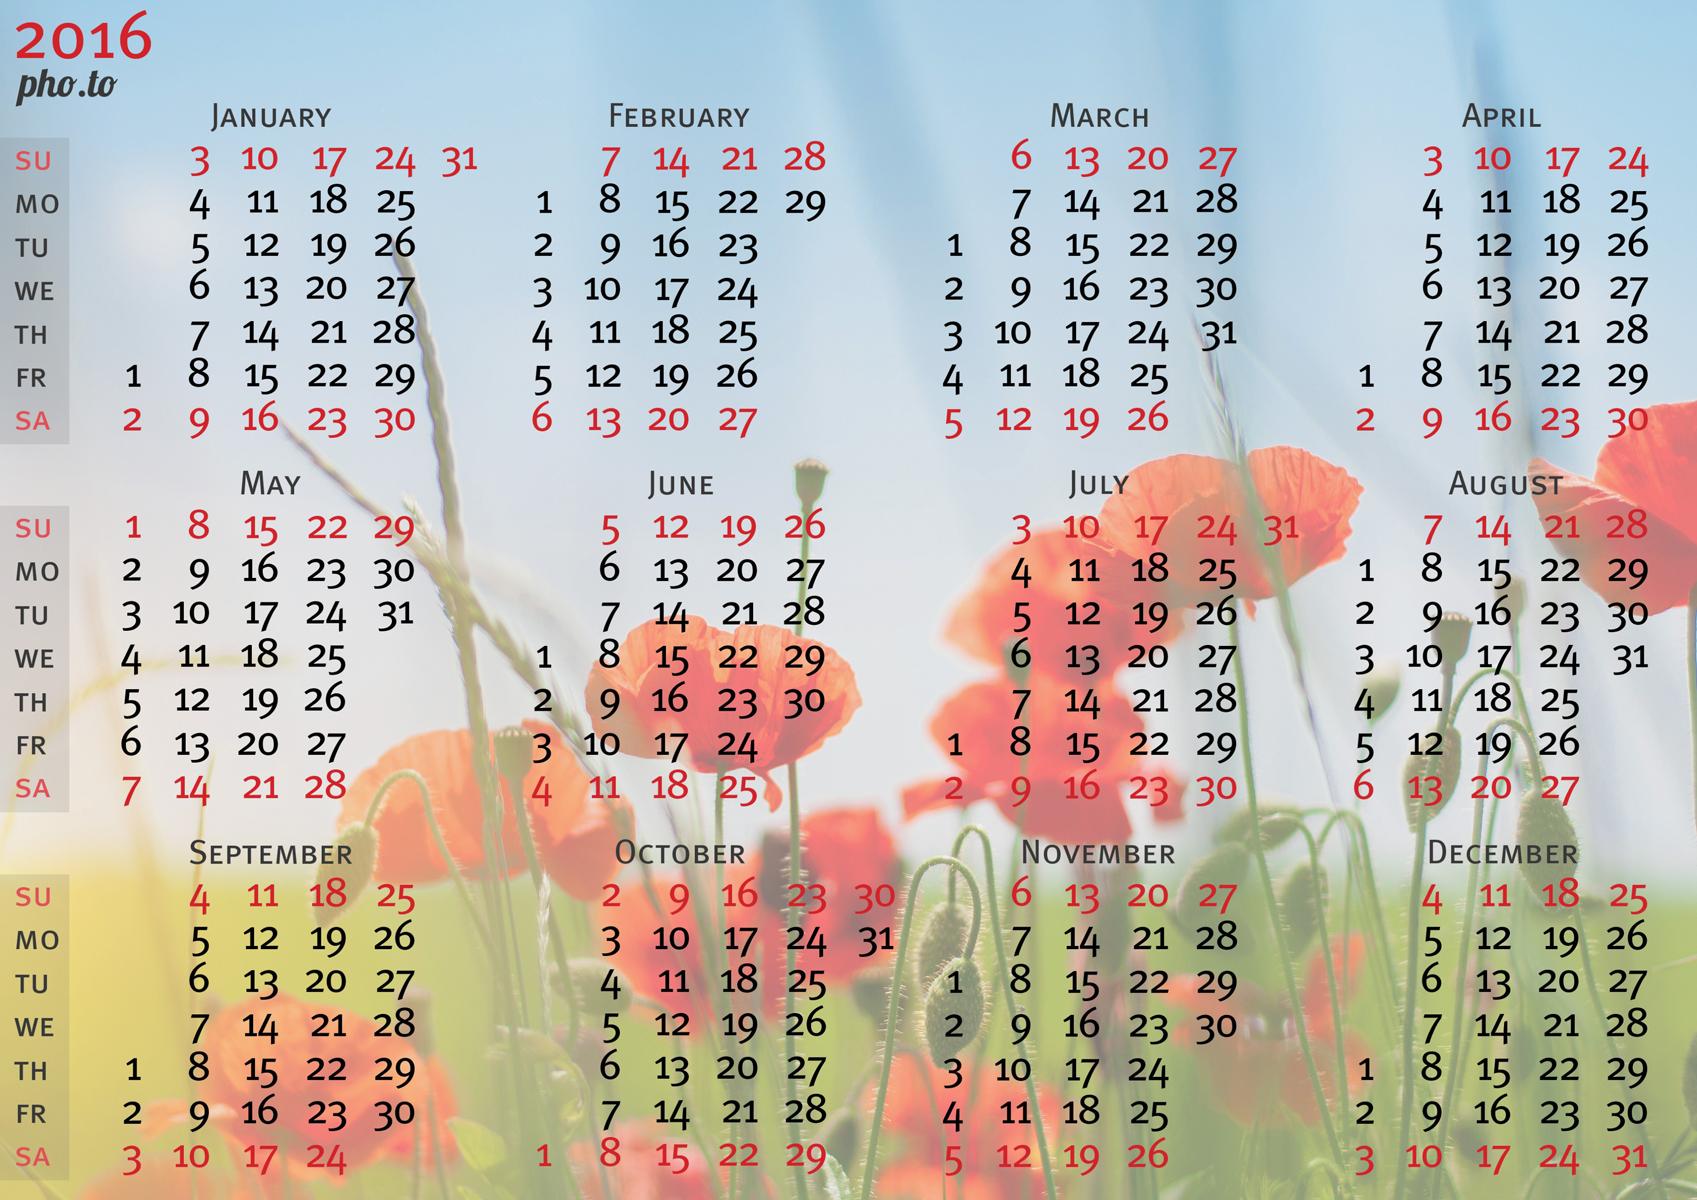 обои рабочего стола календарь октябрь 2016 № 1355626 бесплатно